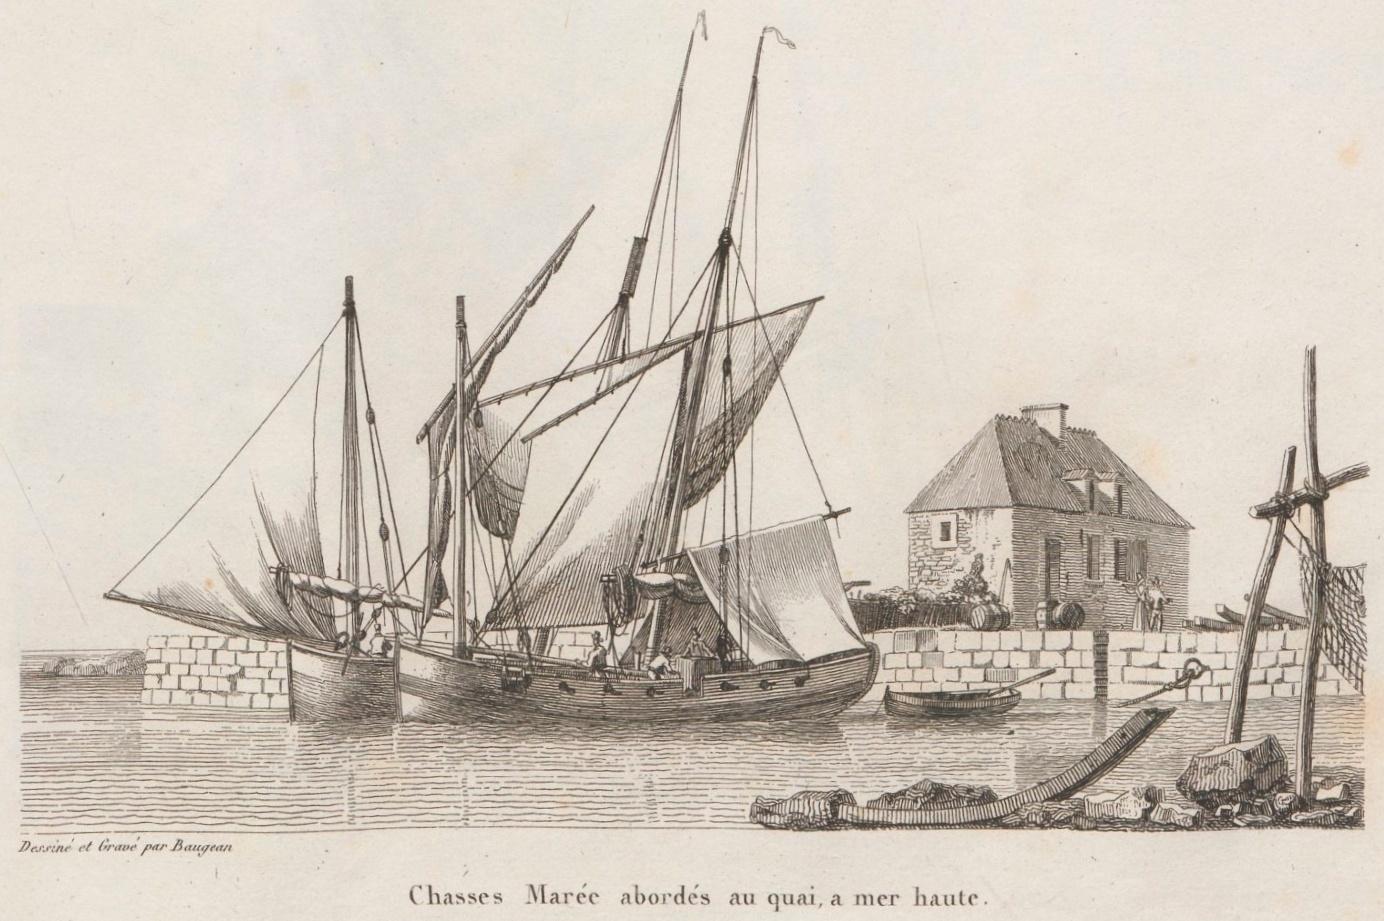 Fichier:Chasse marée à quai à marée haute.jpg — Wikipédia